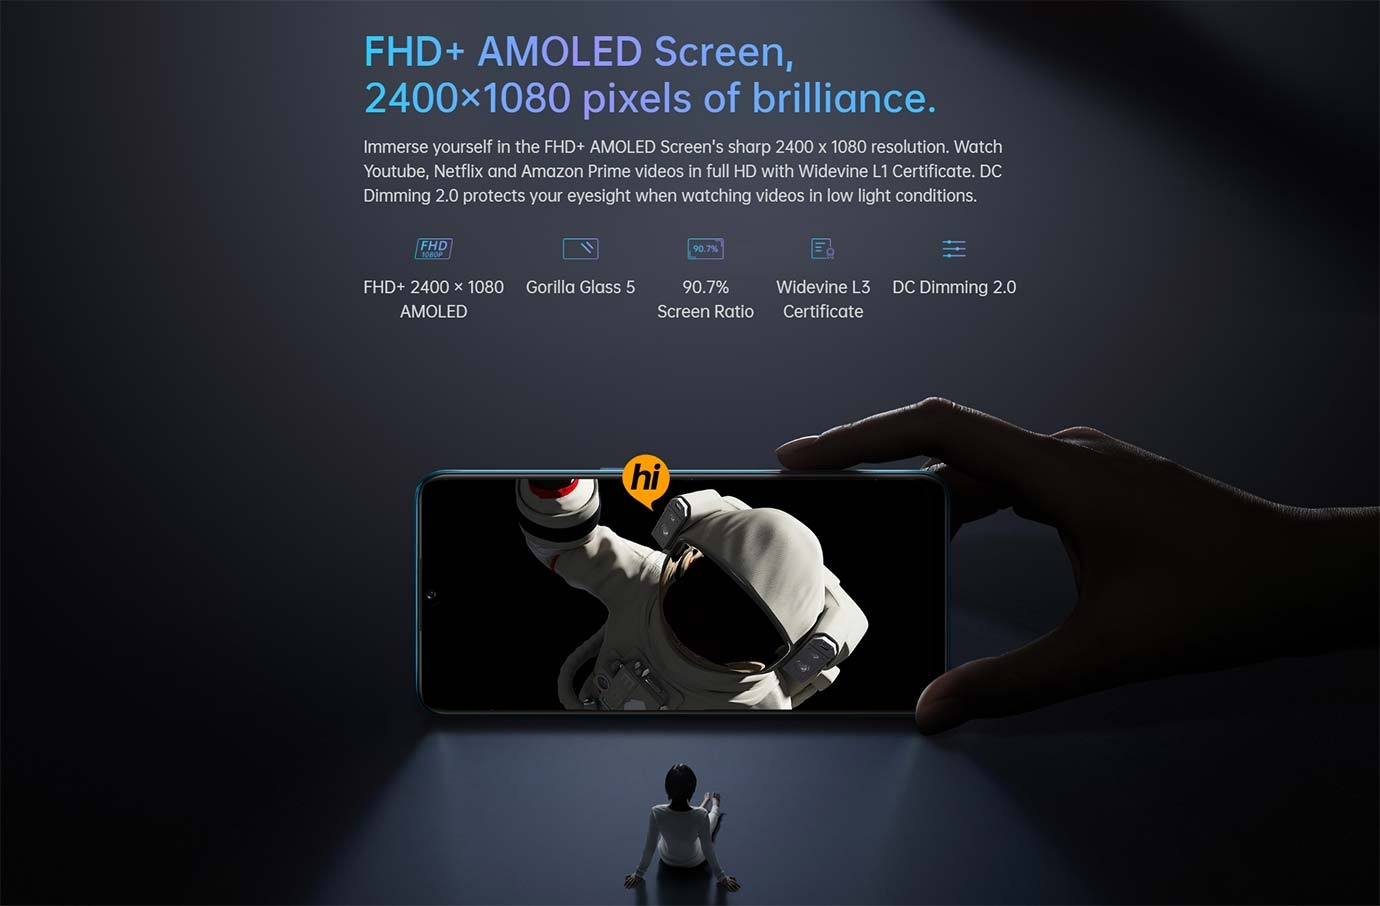 FHD+ AMOLED Screen